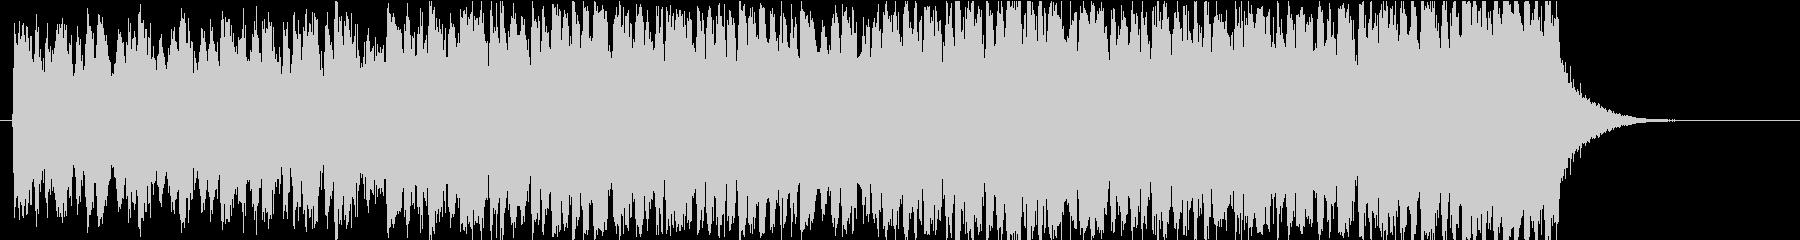 ファンタジー映画風のエピック・トレーラーの未再生の波形